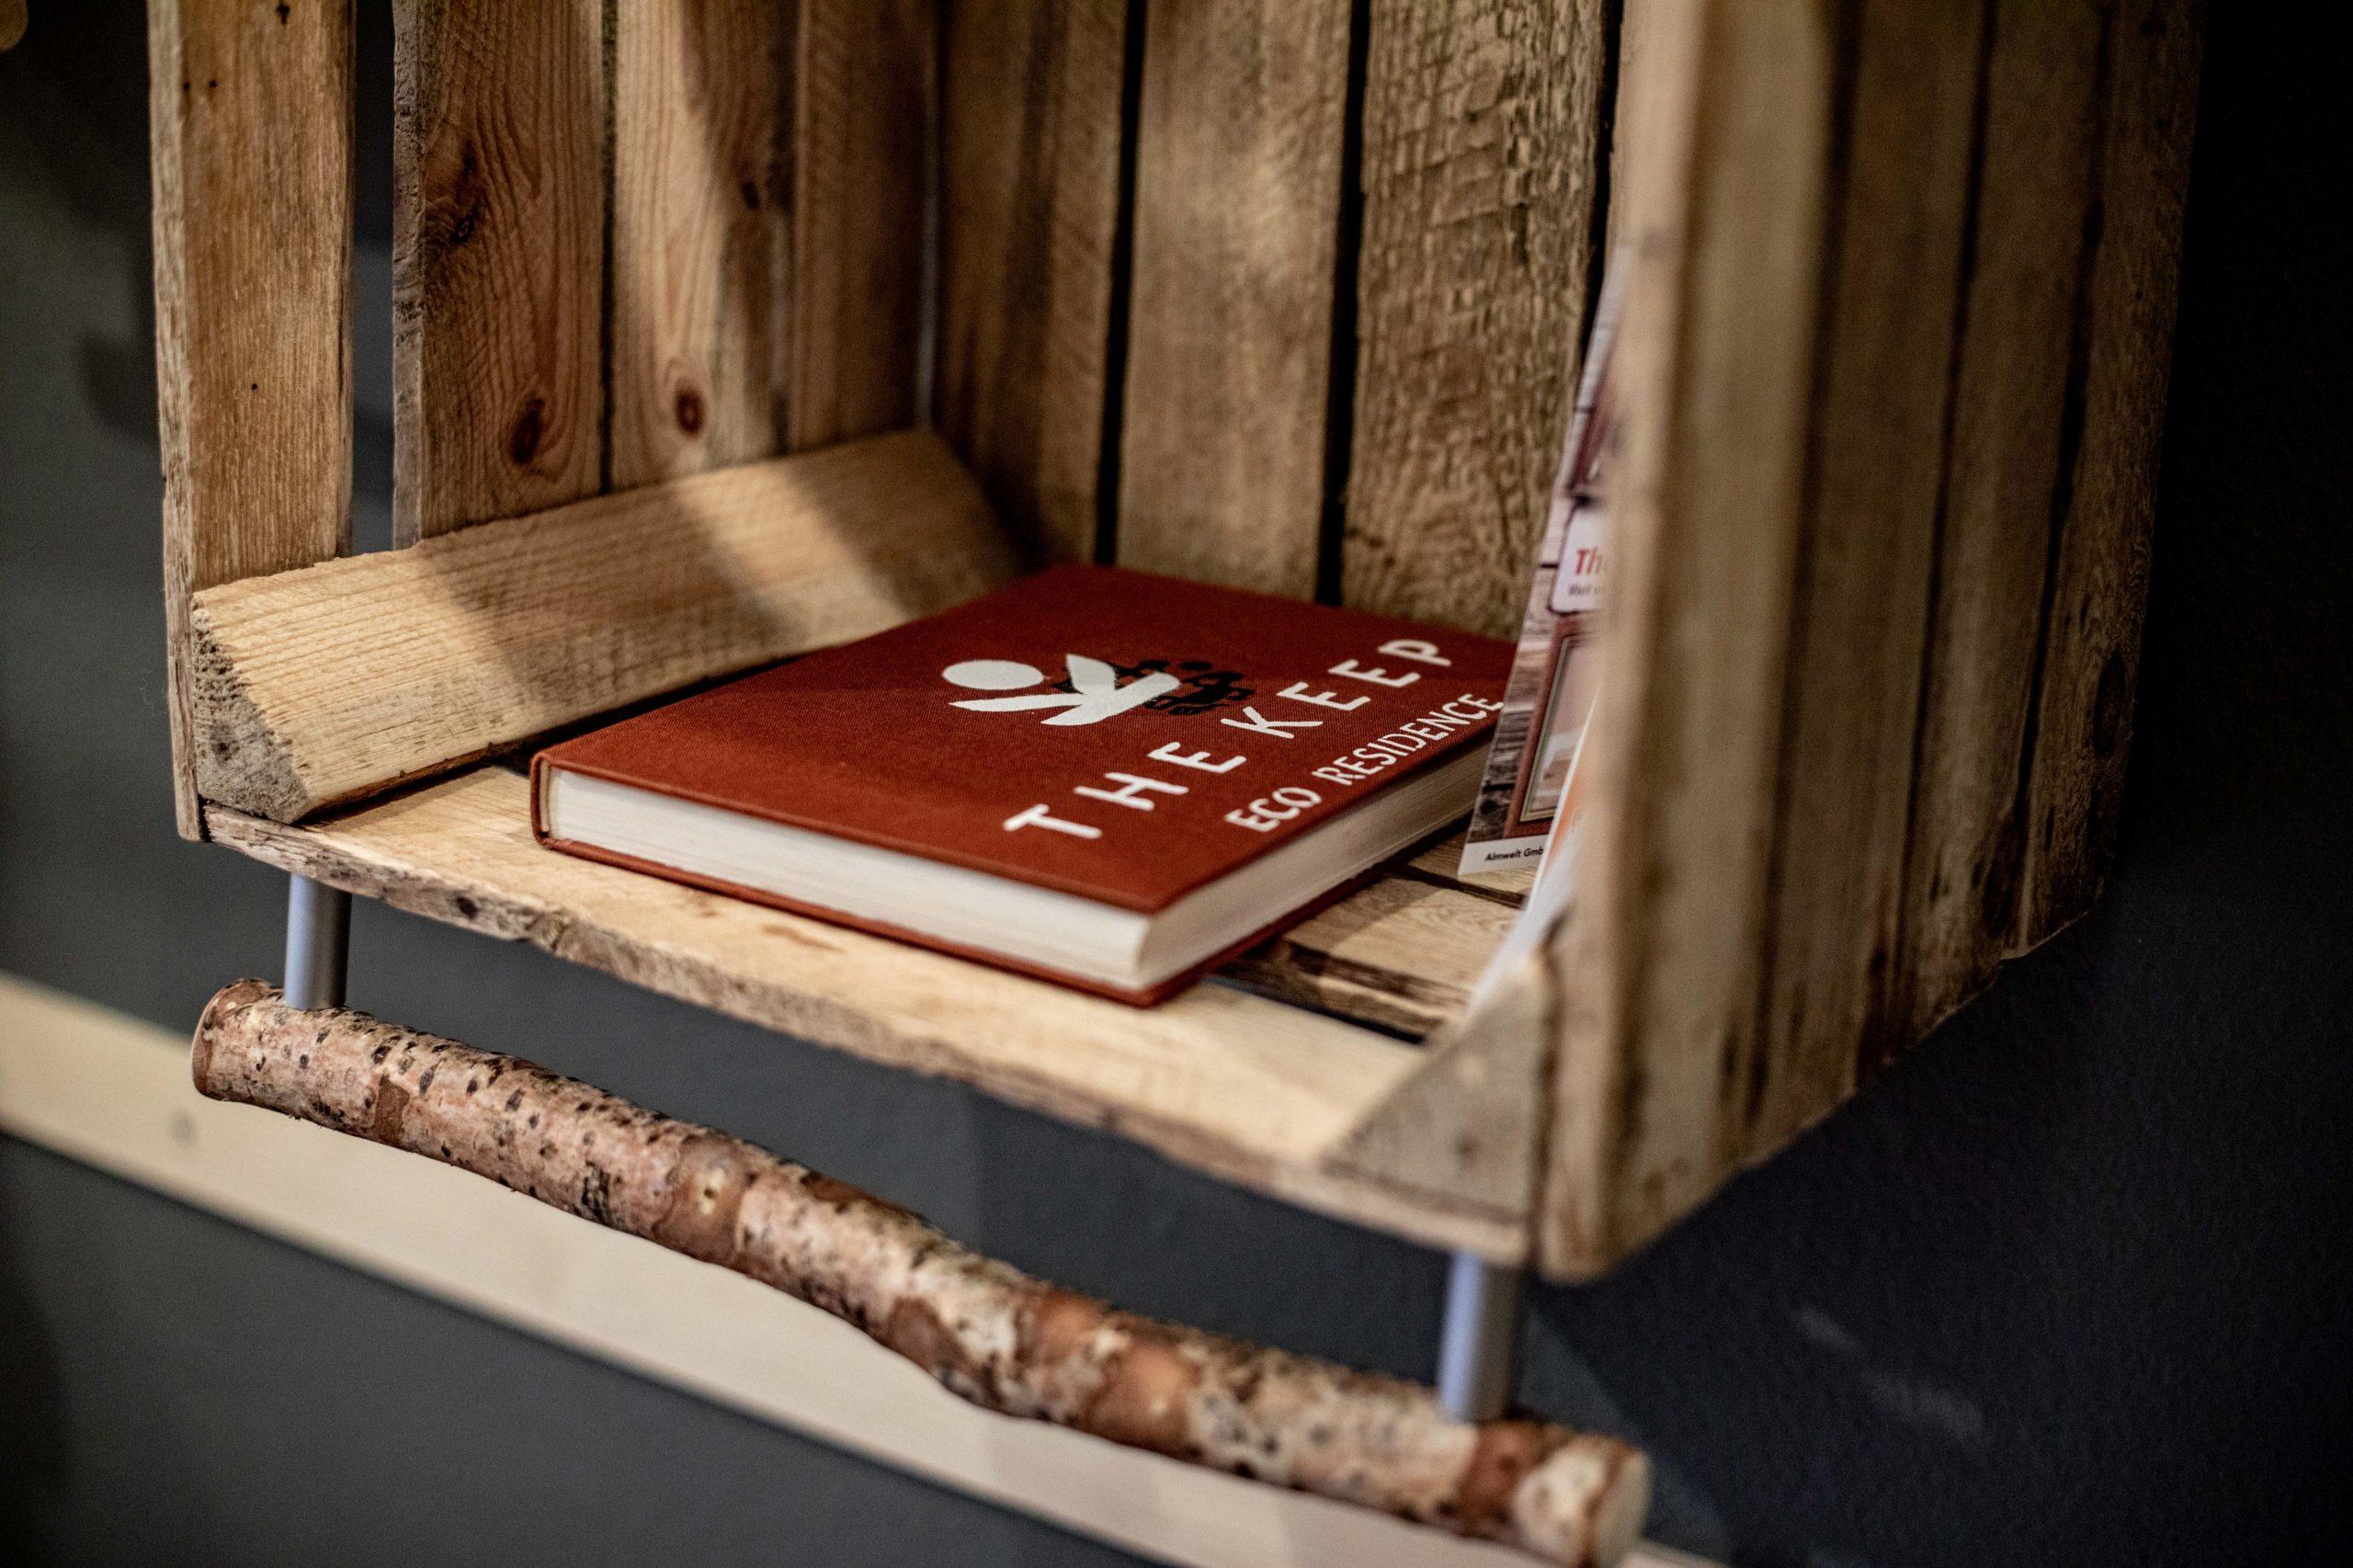 The Keep Bibel mit Nachhaltigkeitsphilosophie im Regal aus Obstkisten.  (c) wildbild